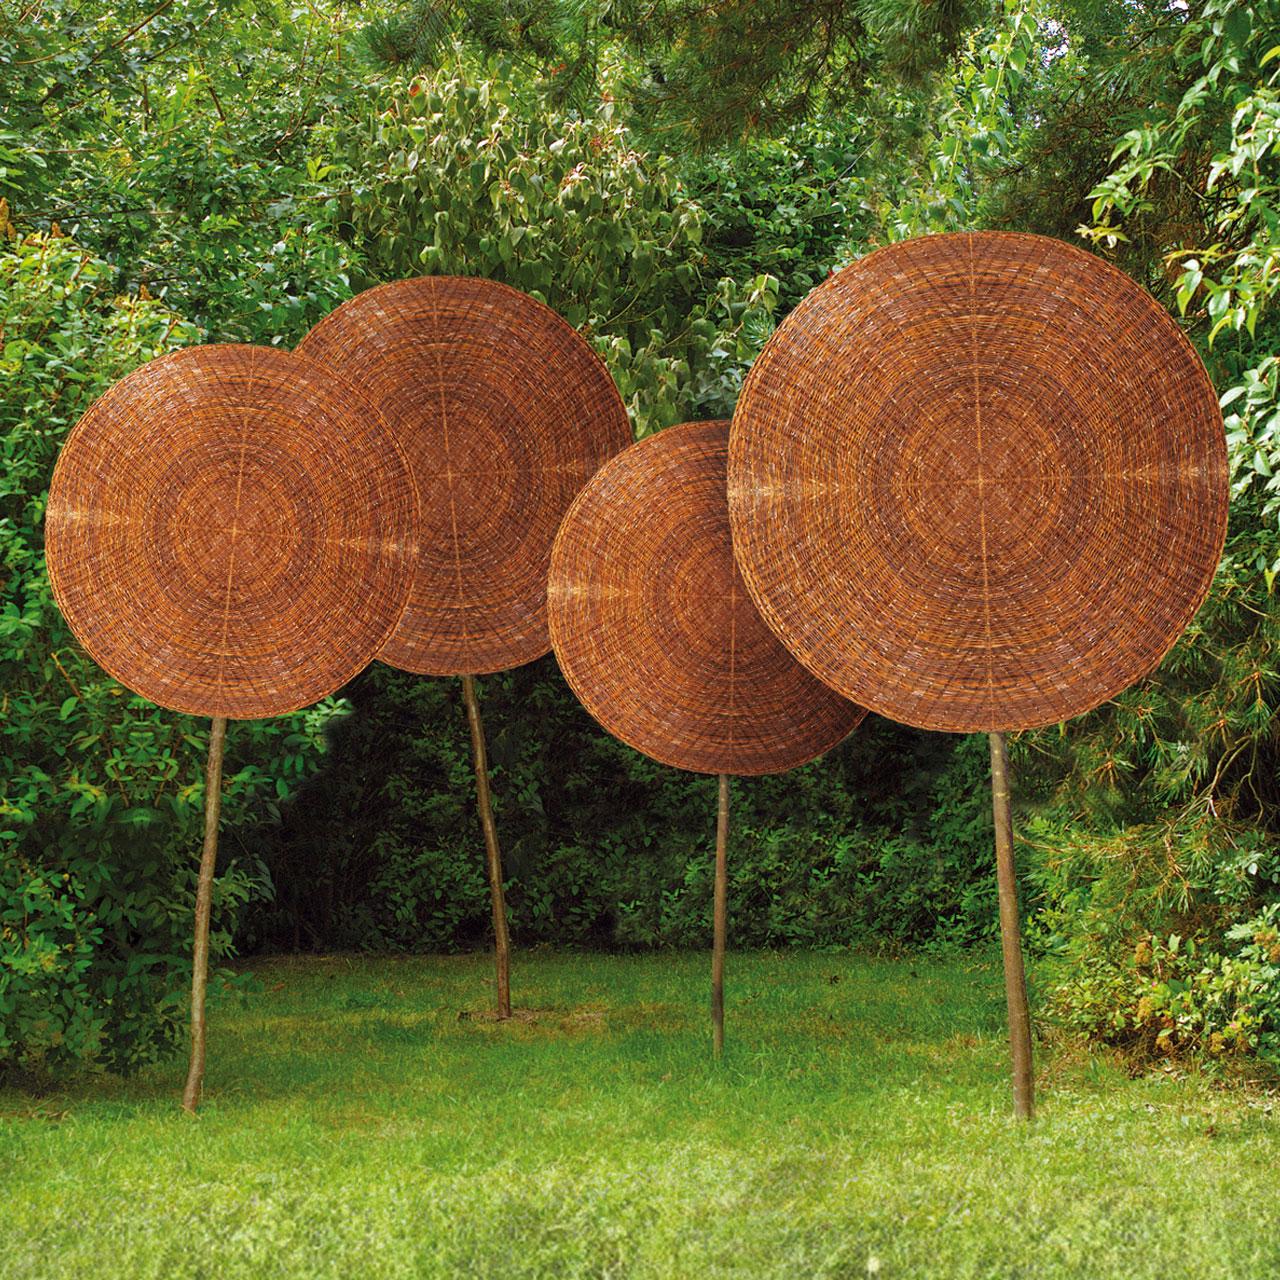 sichtschutz weidenbaum laubbaum natur sichtschutz. Black Bedroom Furniture Sets. Home Design Ideas